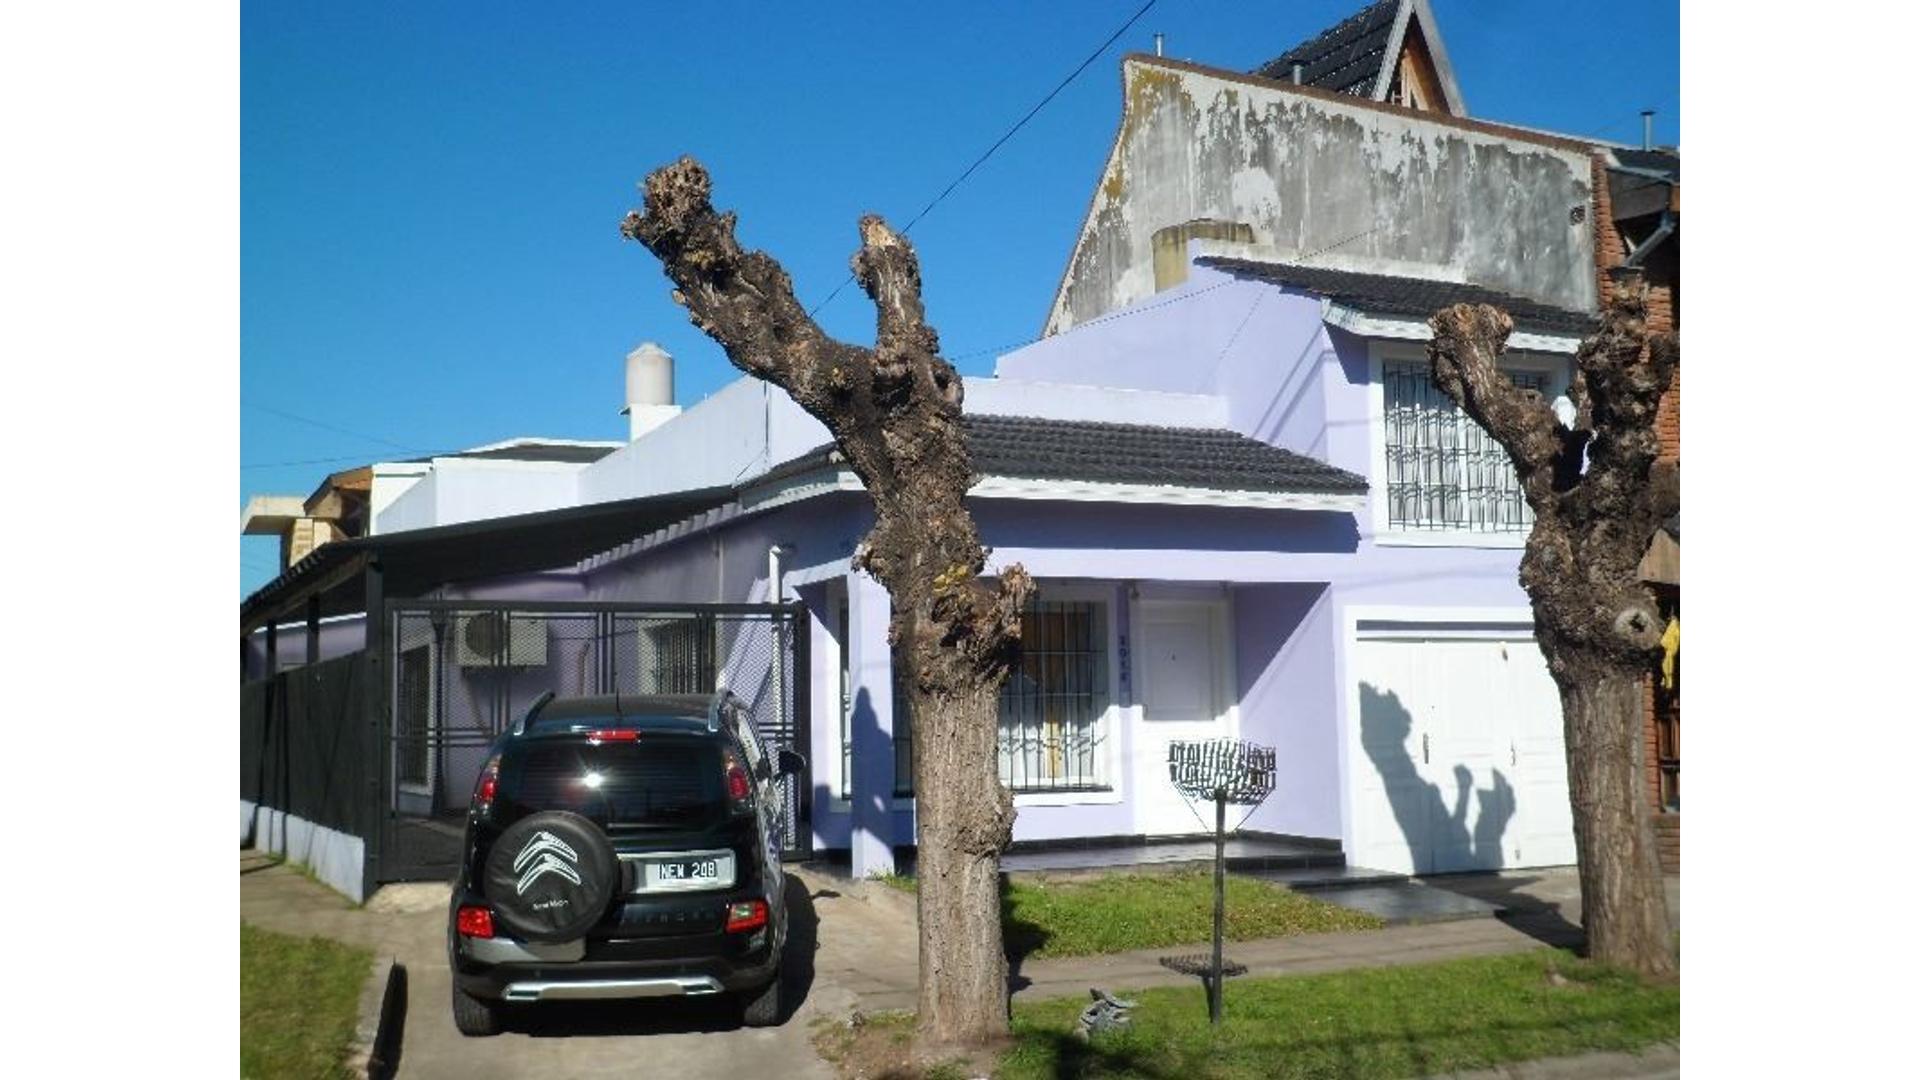 Morón sur -s/ V López - casa americana 3 ambientes más escritorio c/garage , cochera ,patio y parque